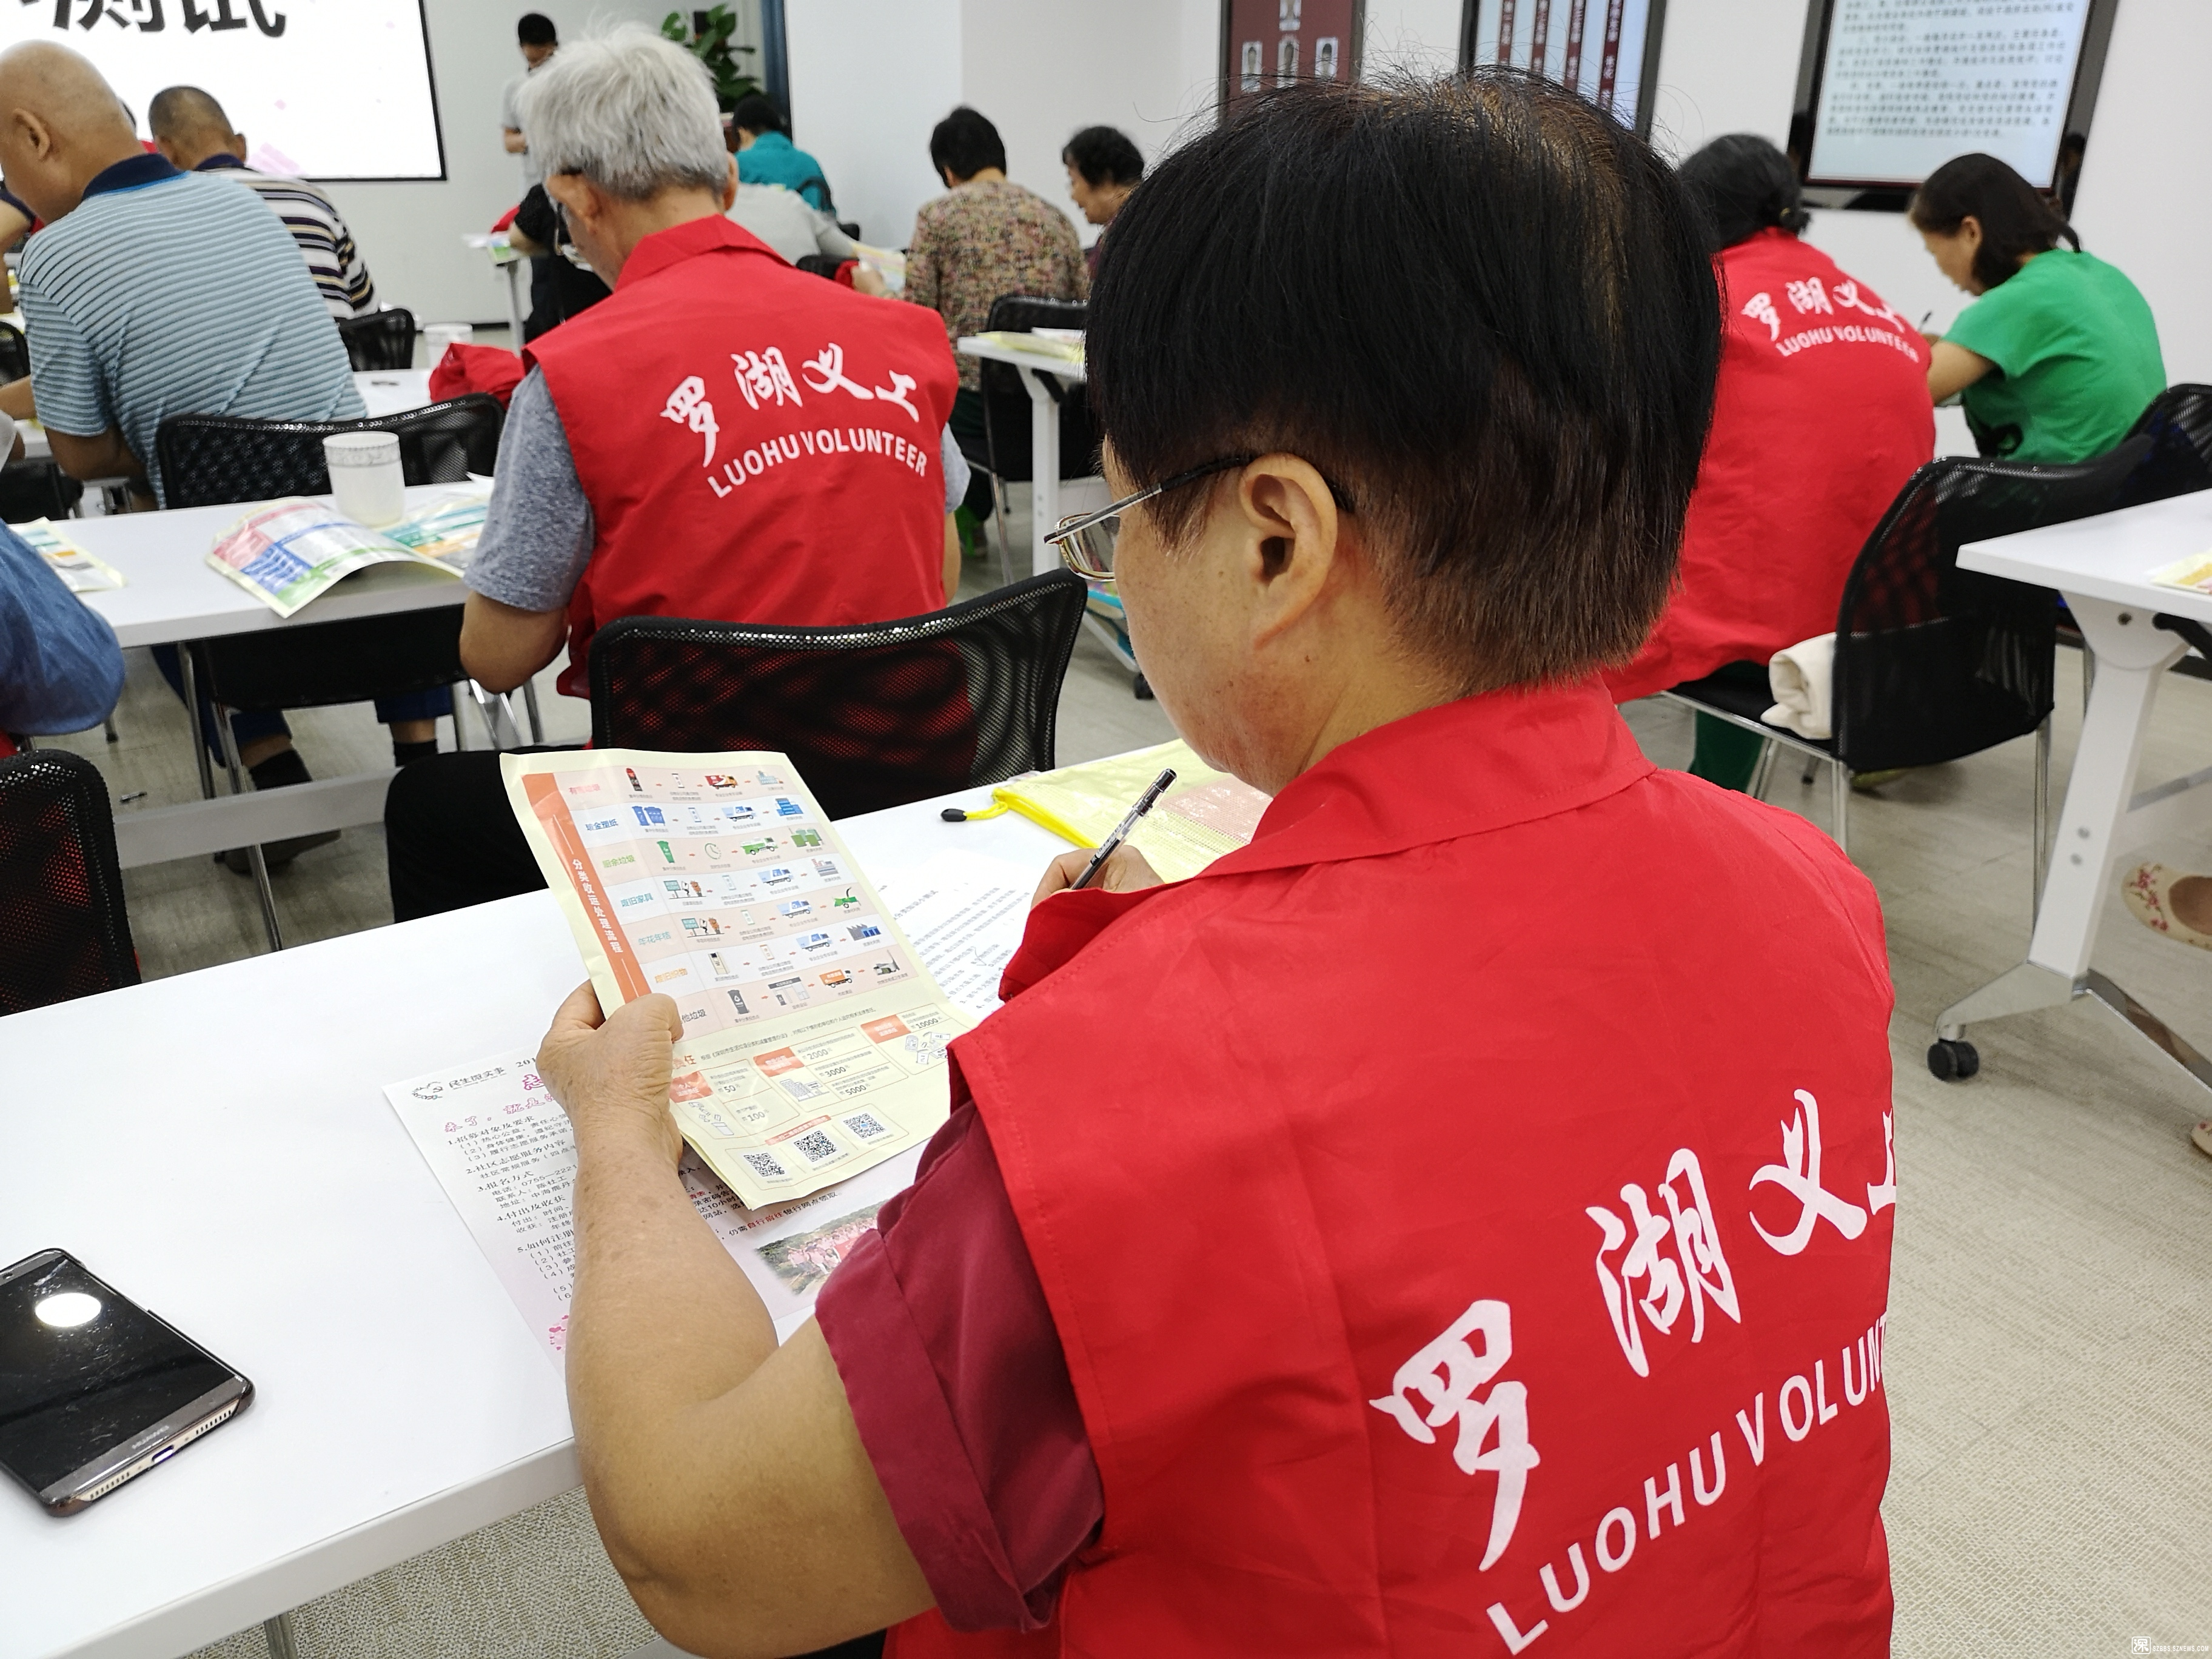 图4.志愿者认真学习并做笔记.jpg